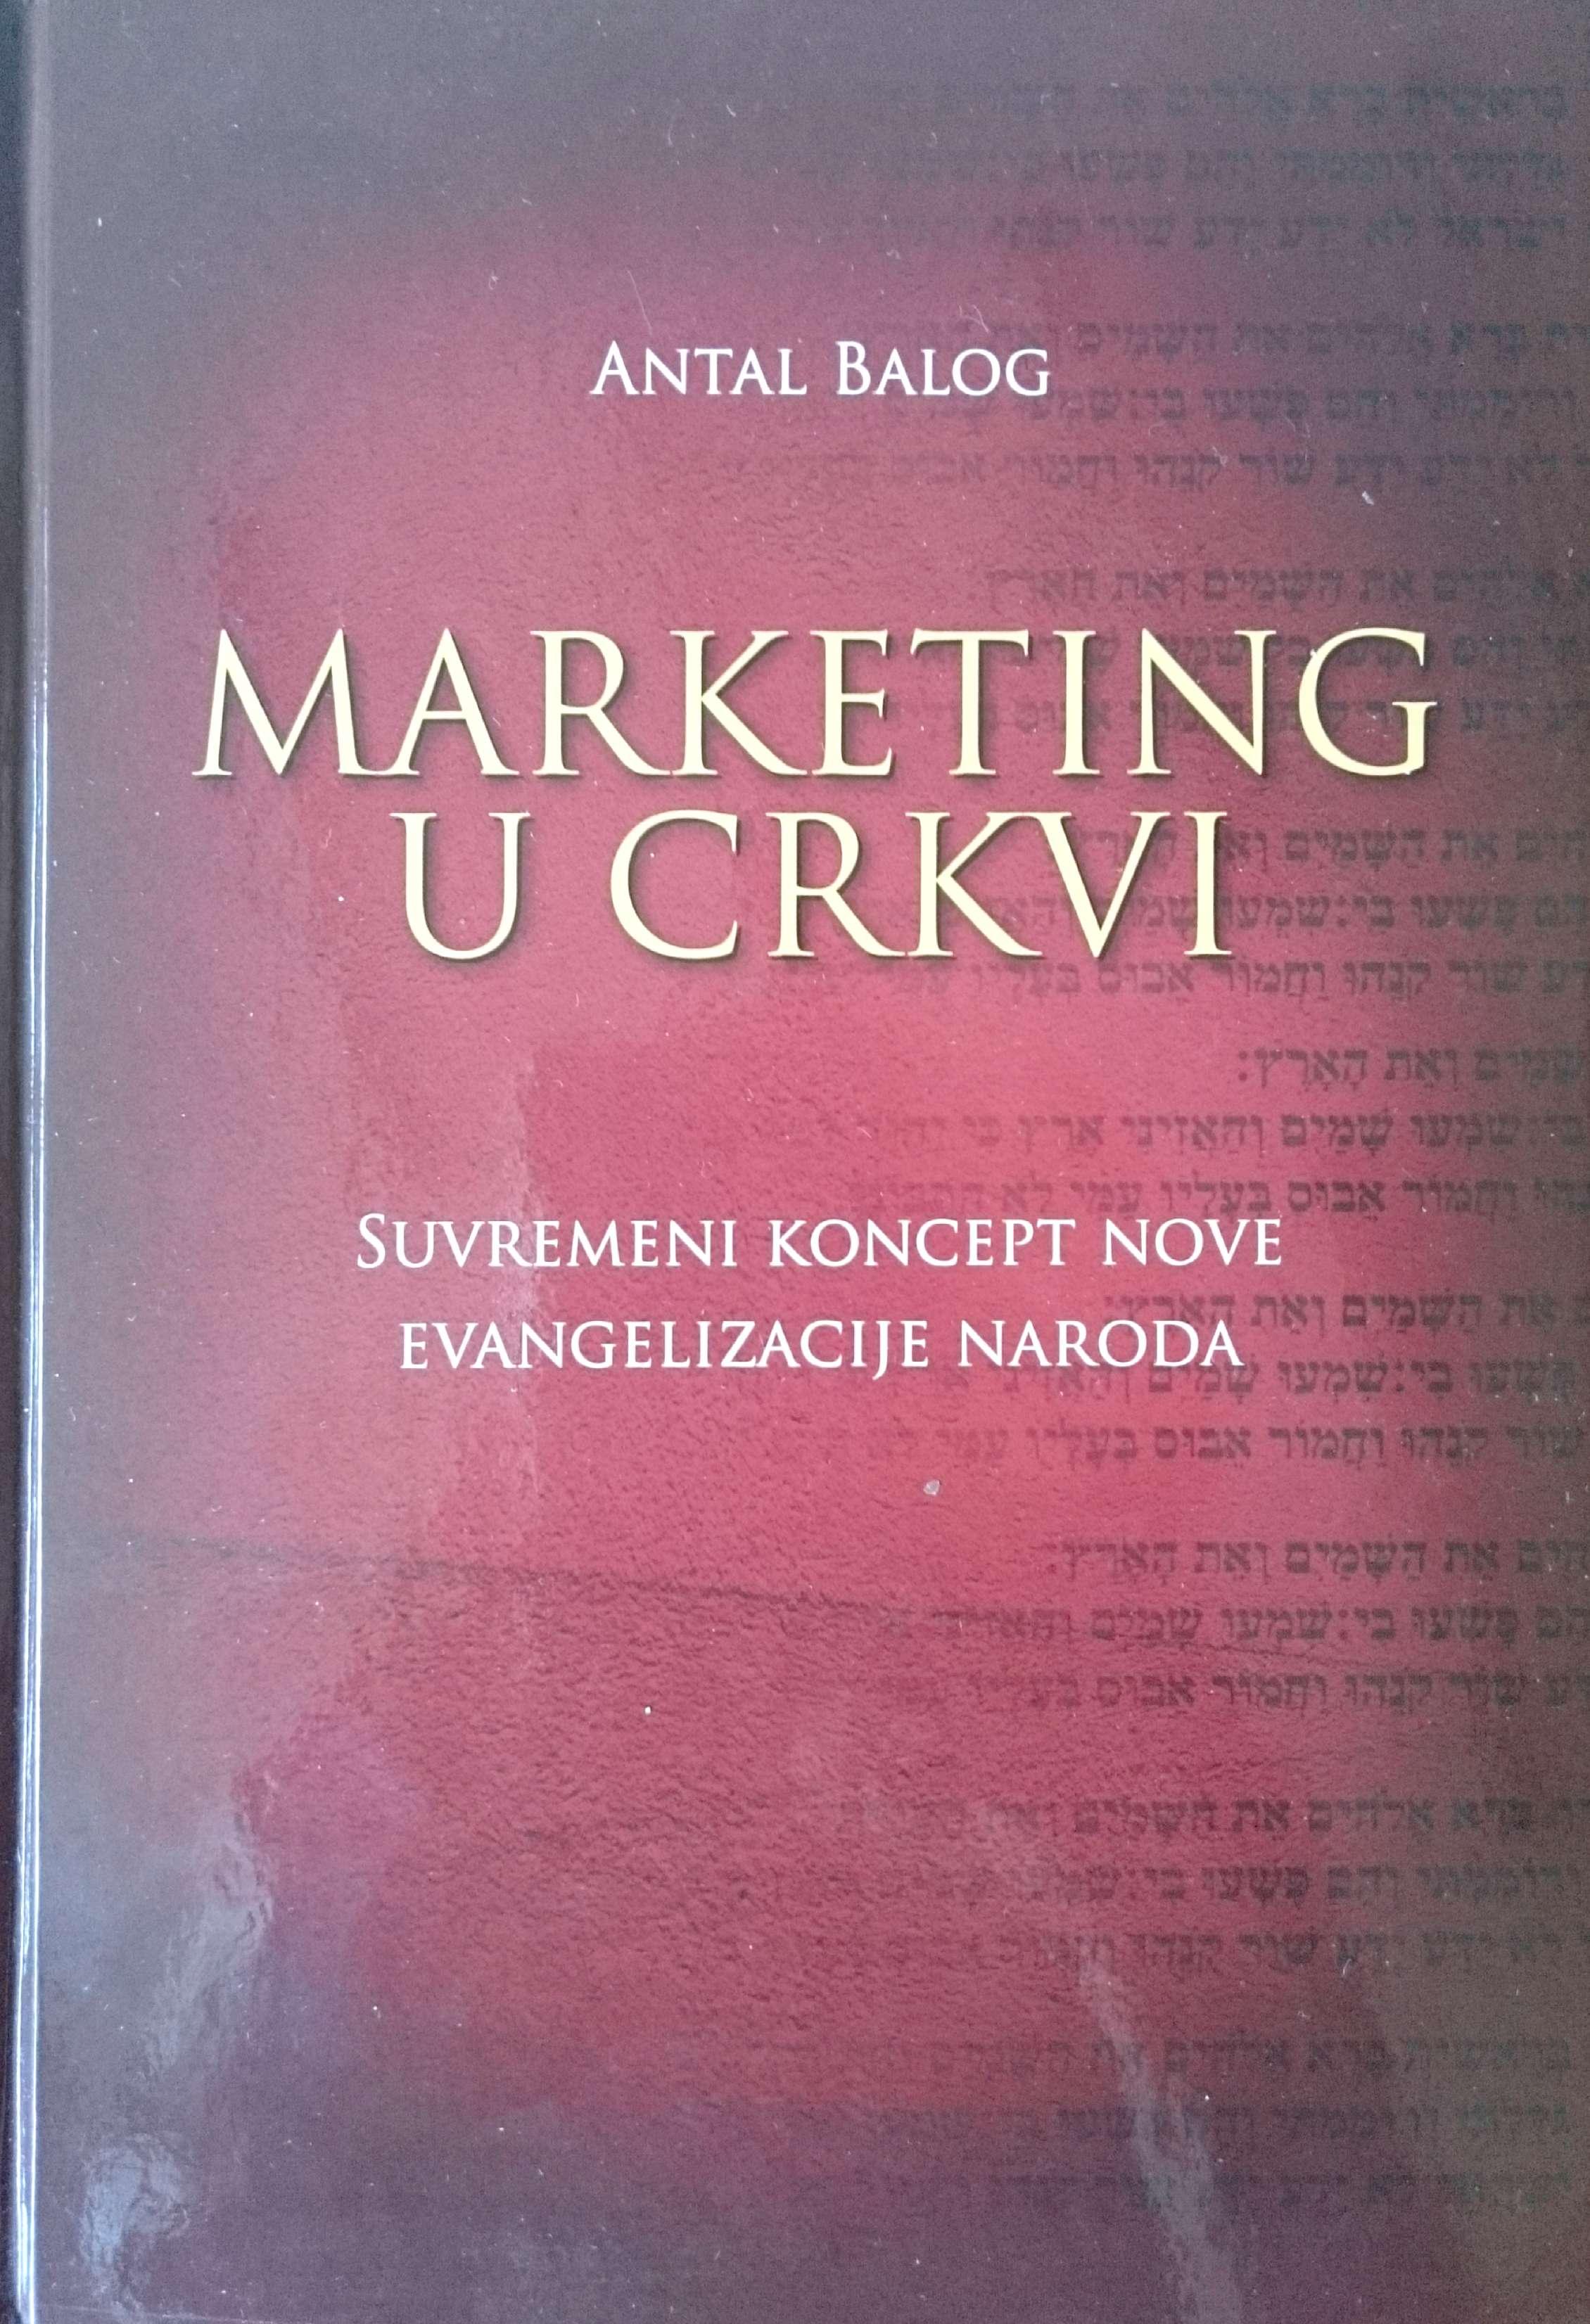 MARKETING U CRKVI - Naruči svoju knjigu